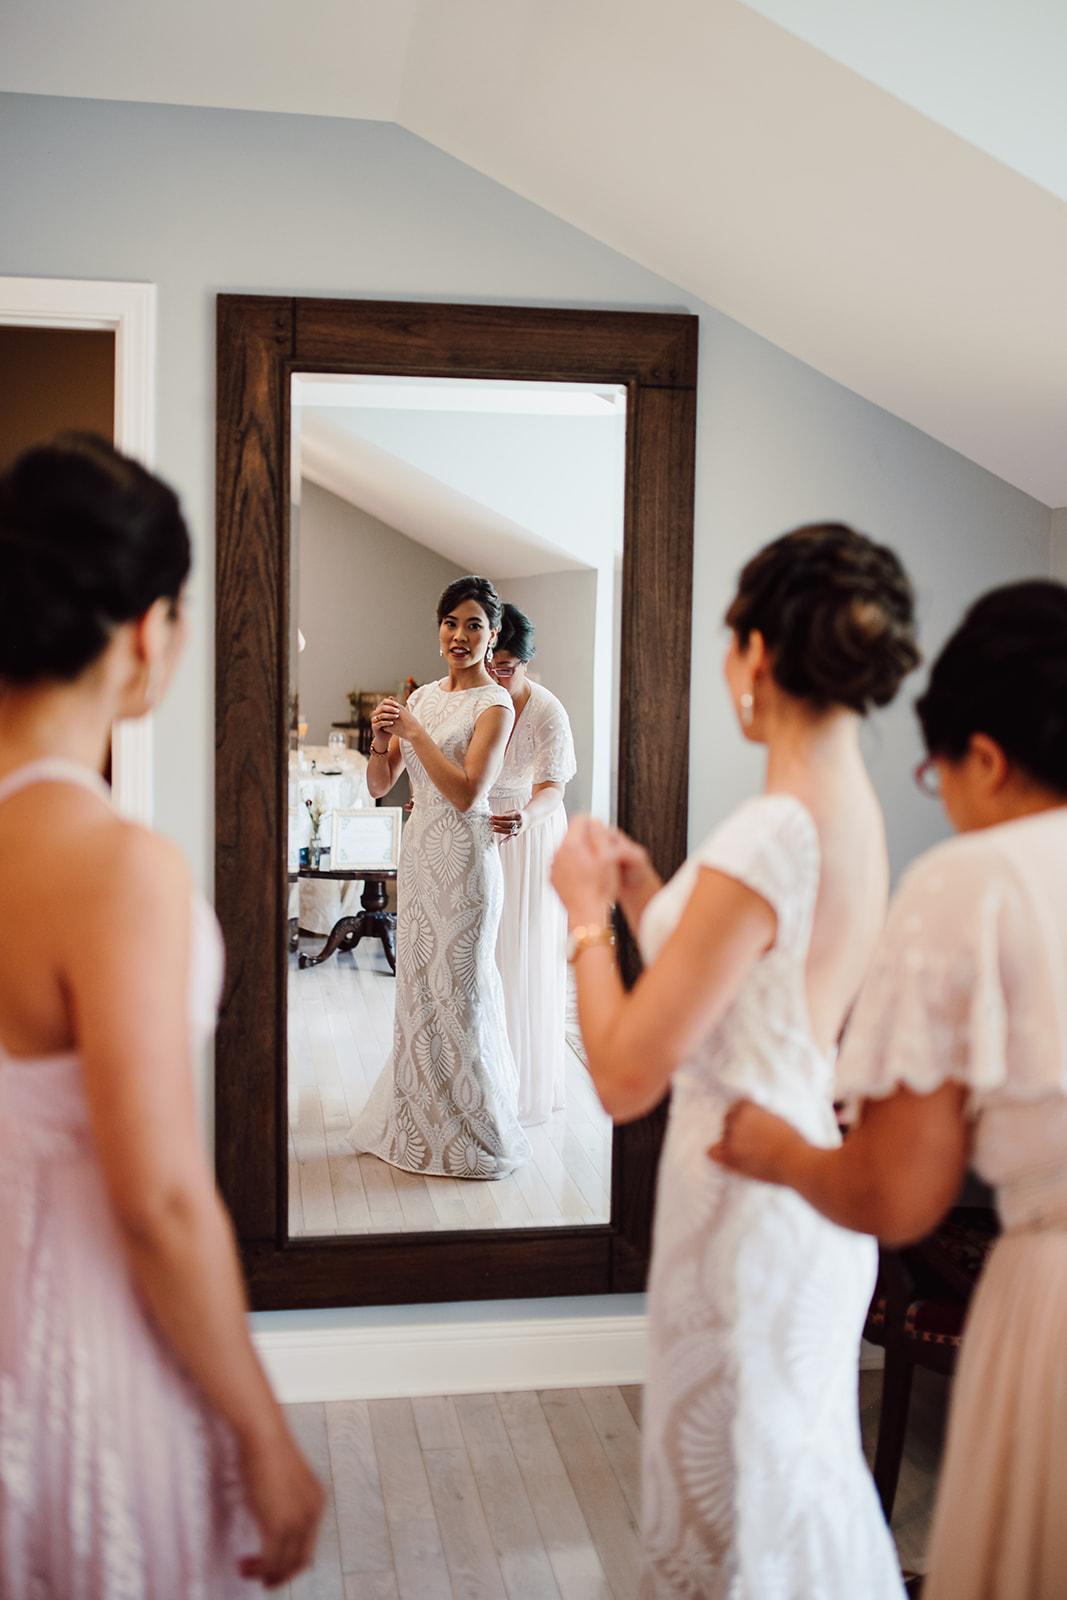 Getting ready wedding portrait